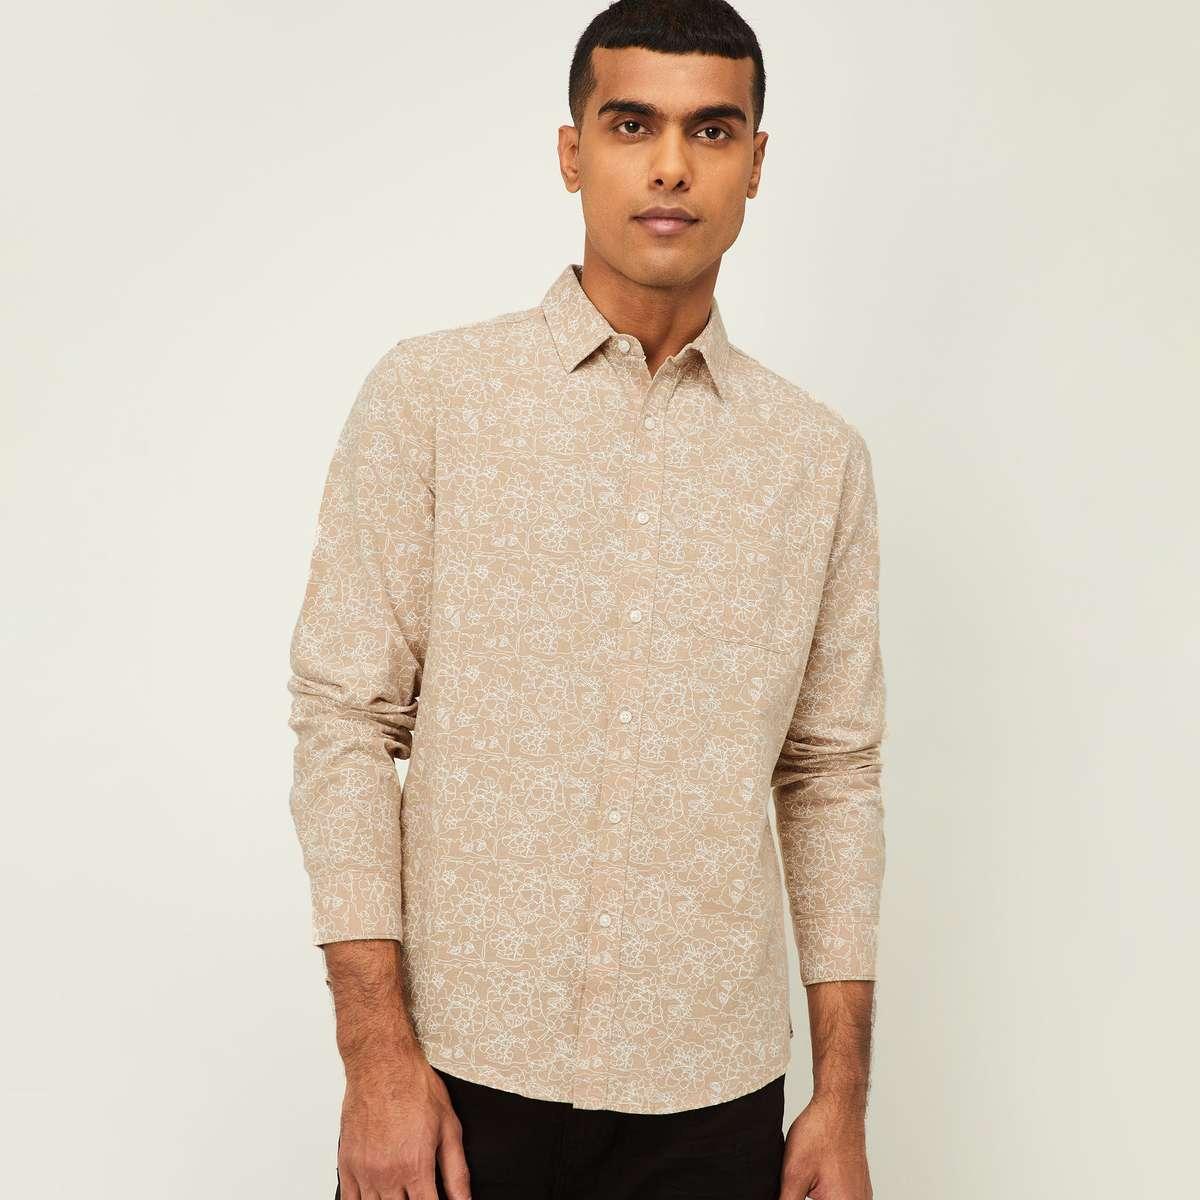 5.DENIMIZE Men Printed Regular Fit Casual Shirt